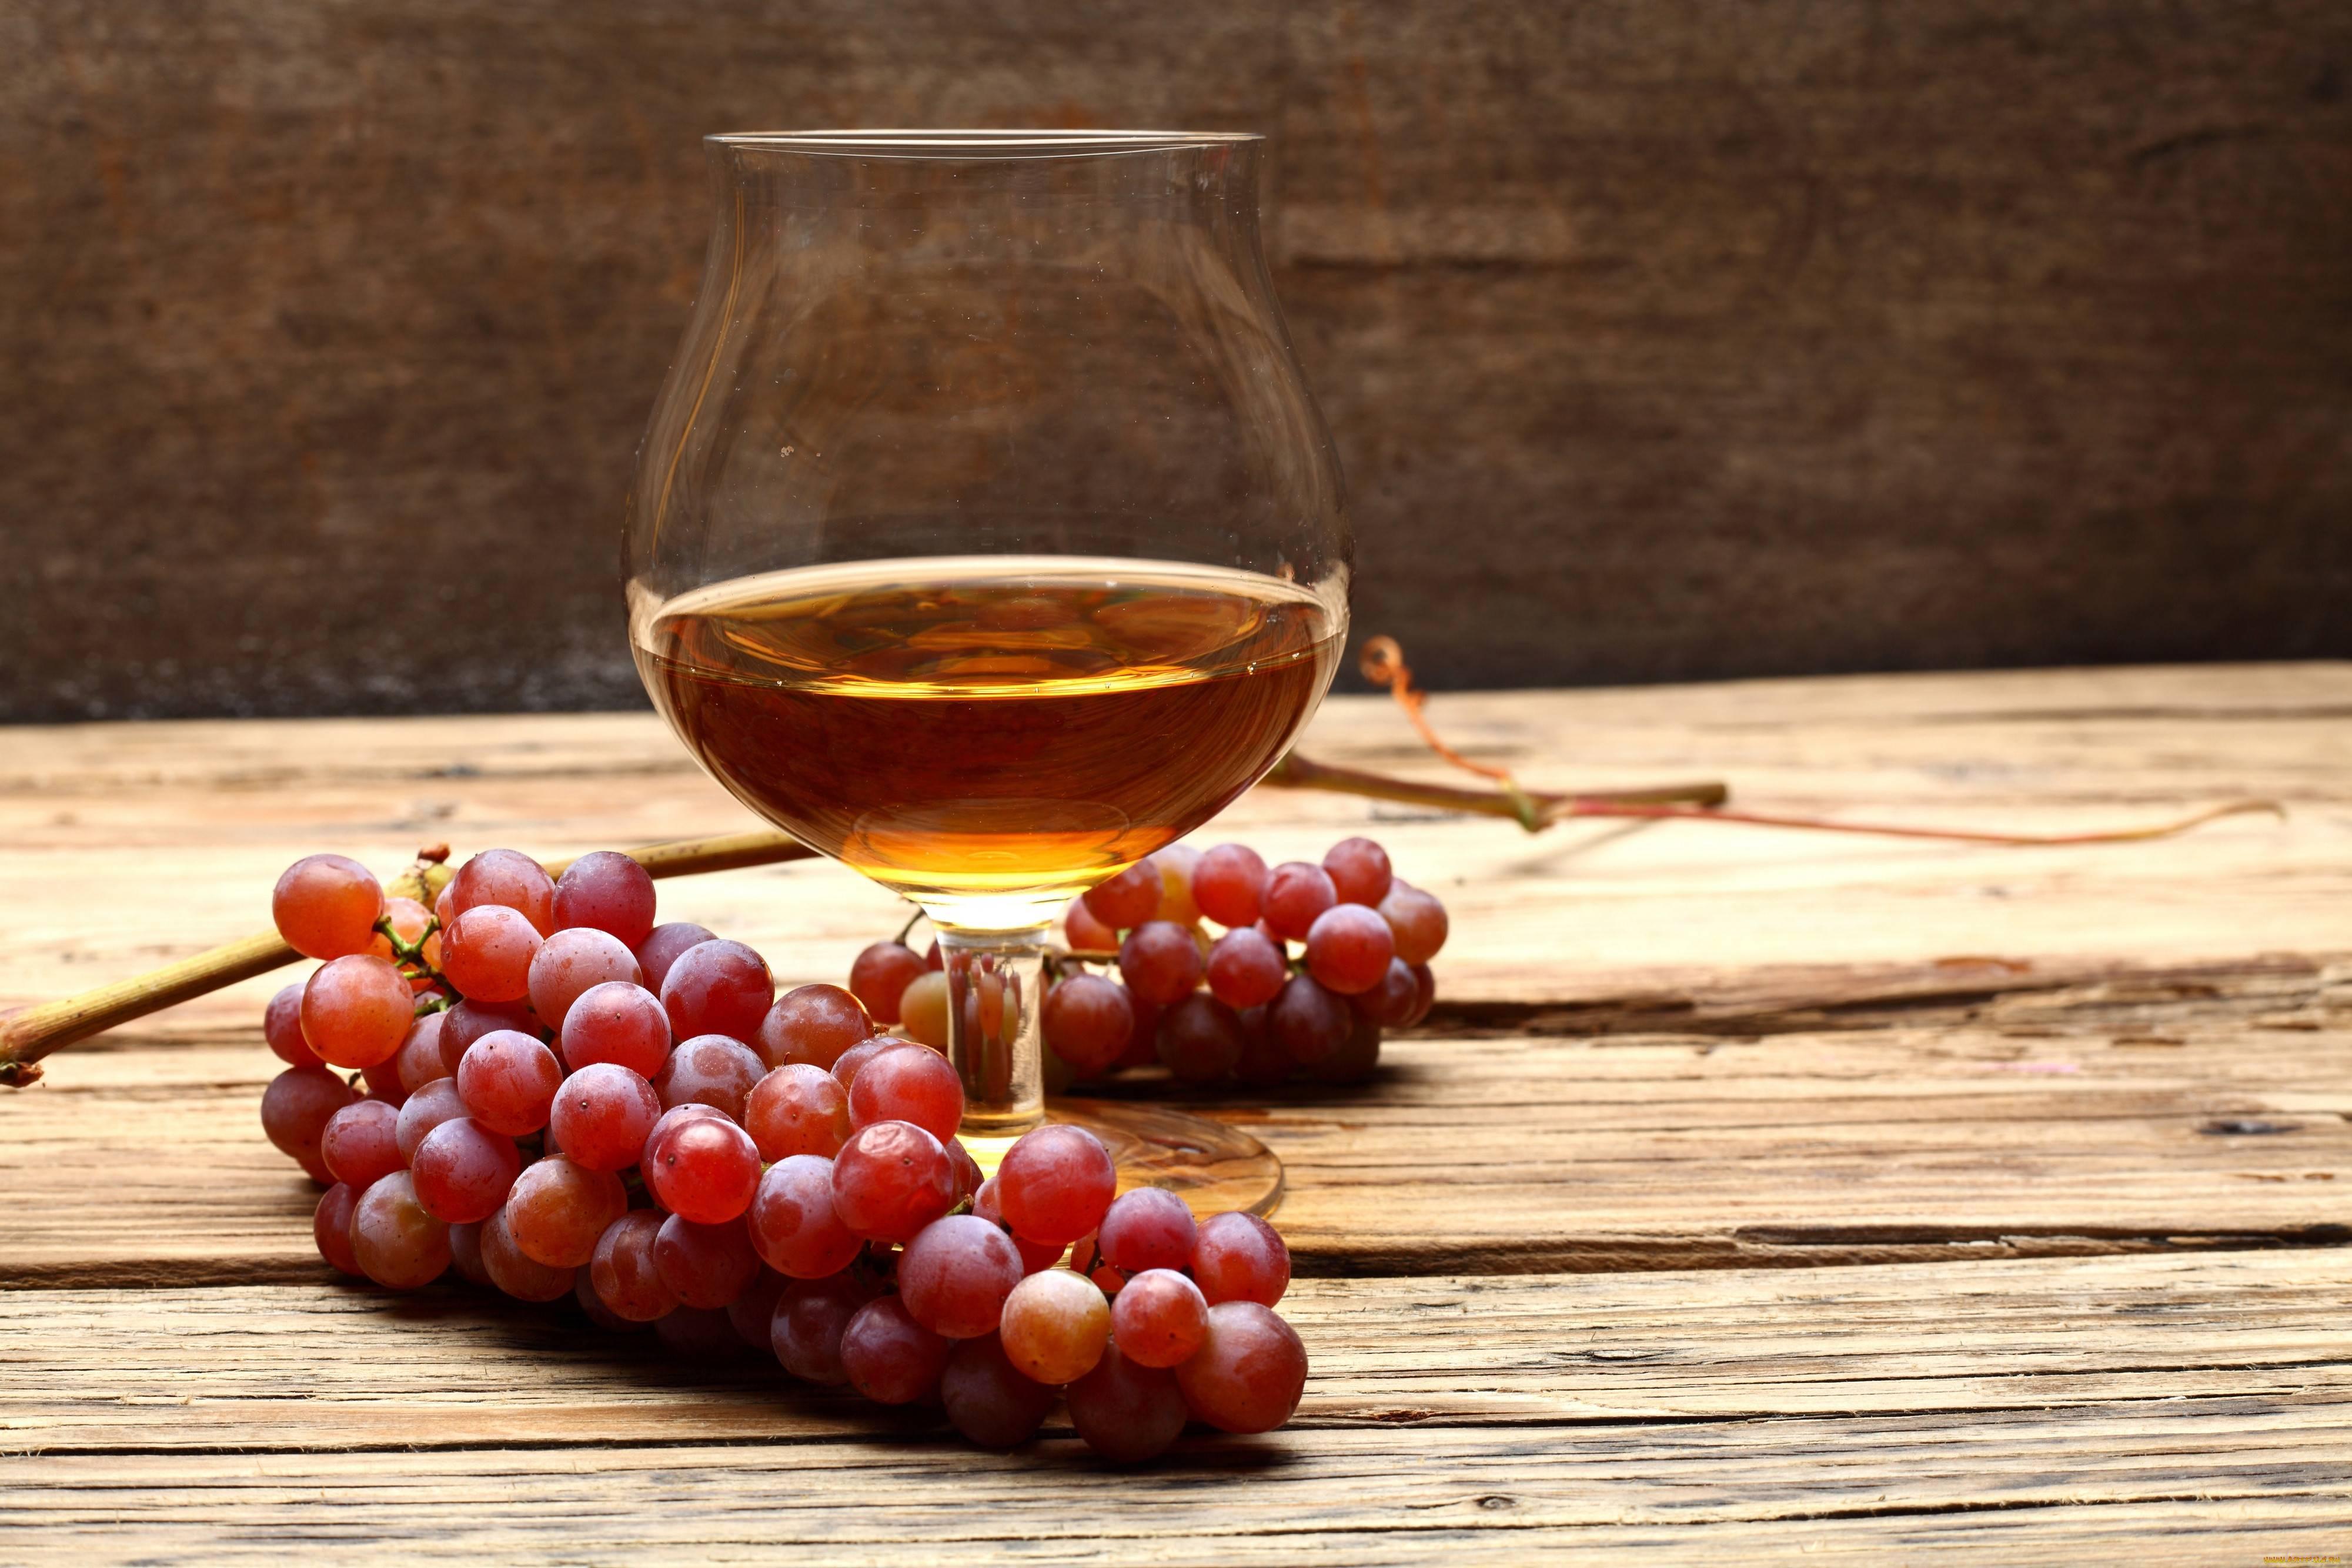 Из какого винограда делают коньяк? пробуем делать домашний коньяк по рецепту | про самогон и другие напитки ? | яндекс дзен